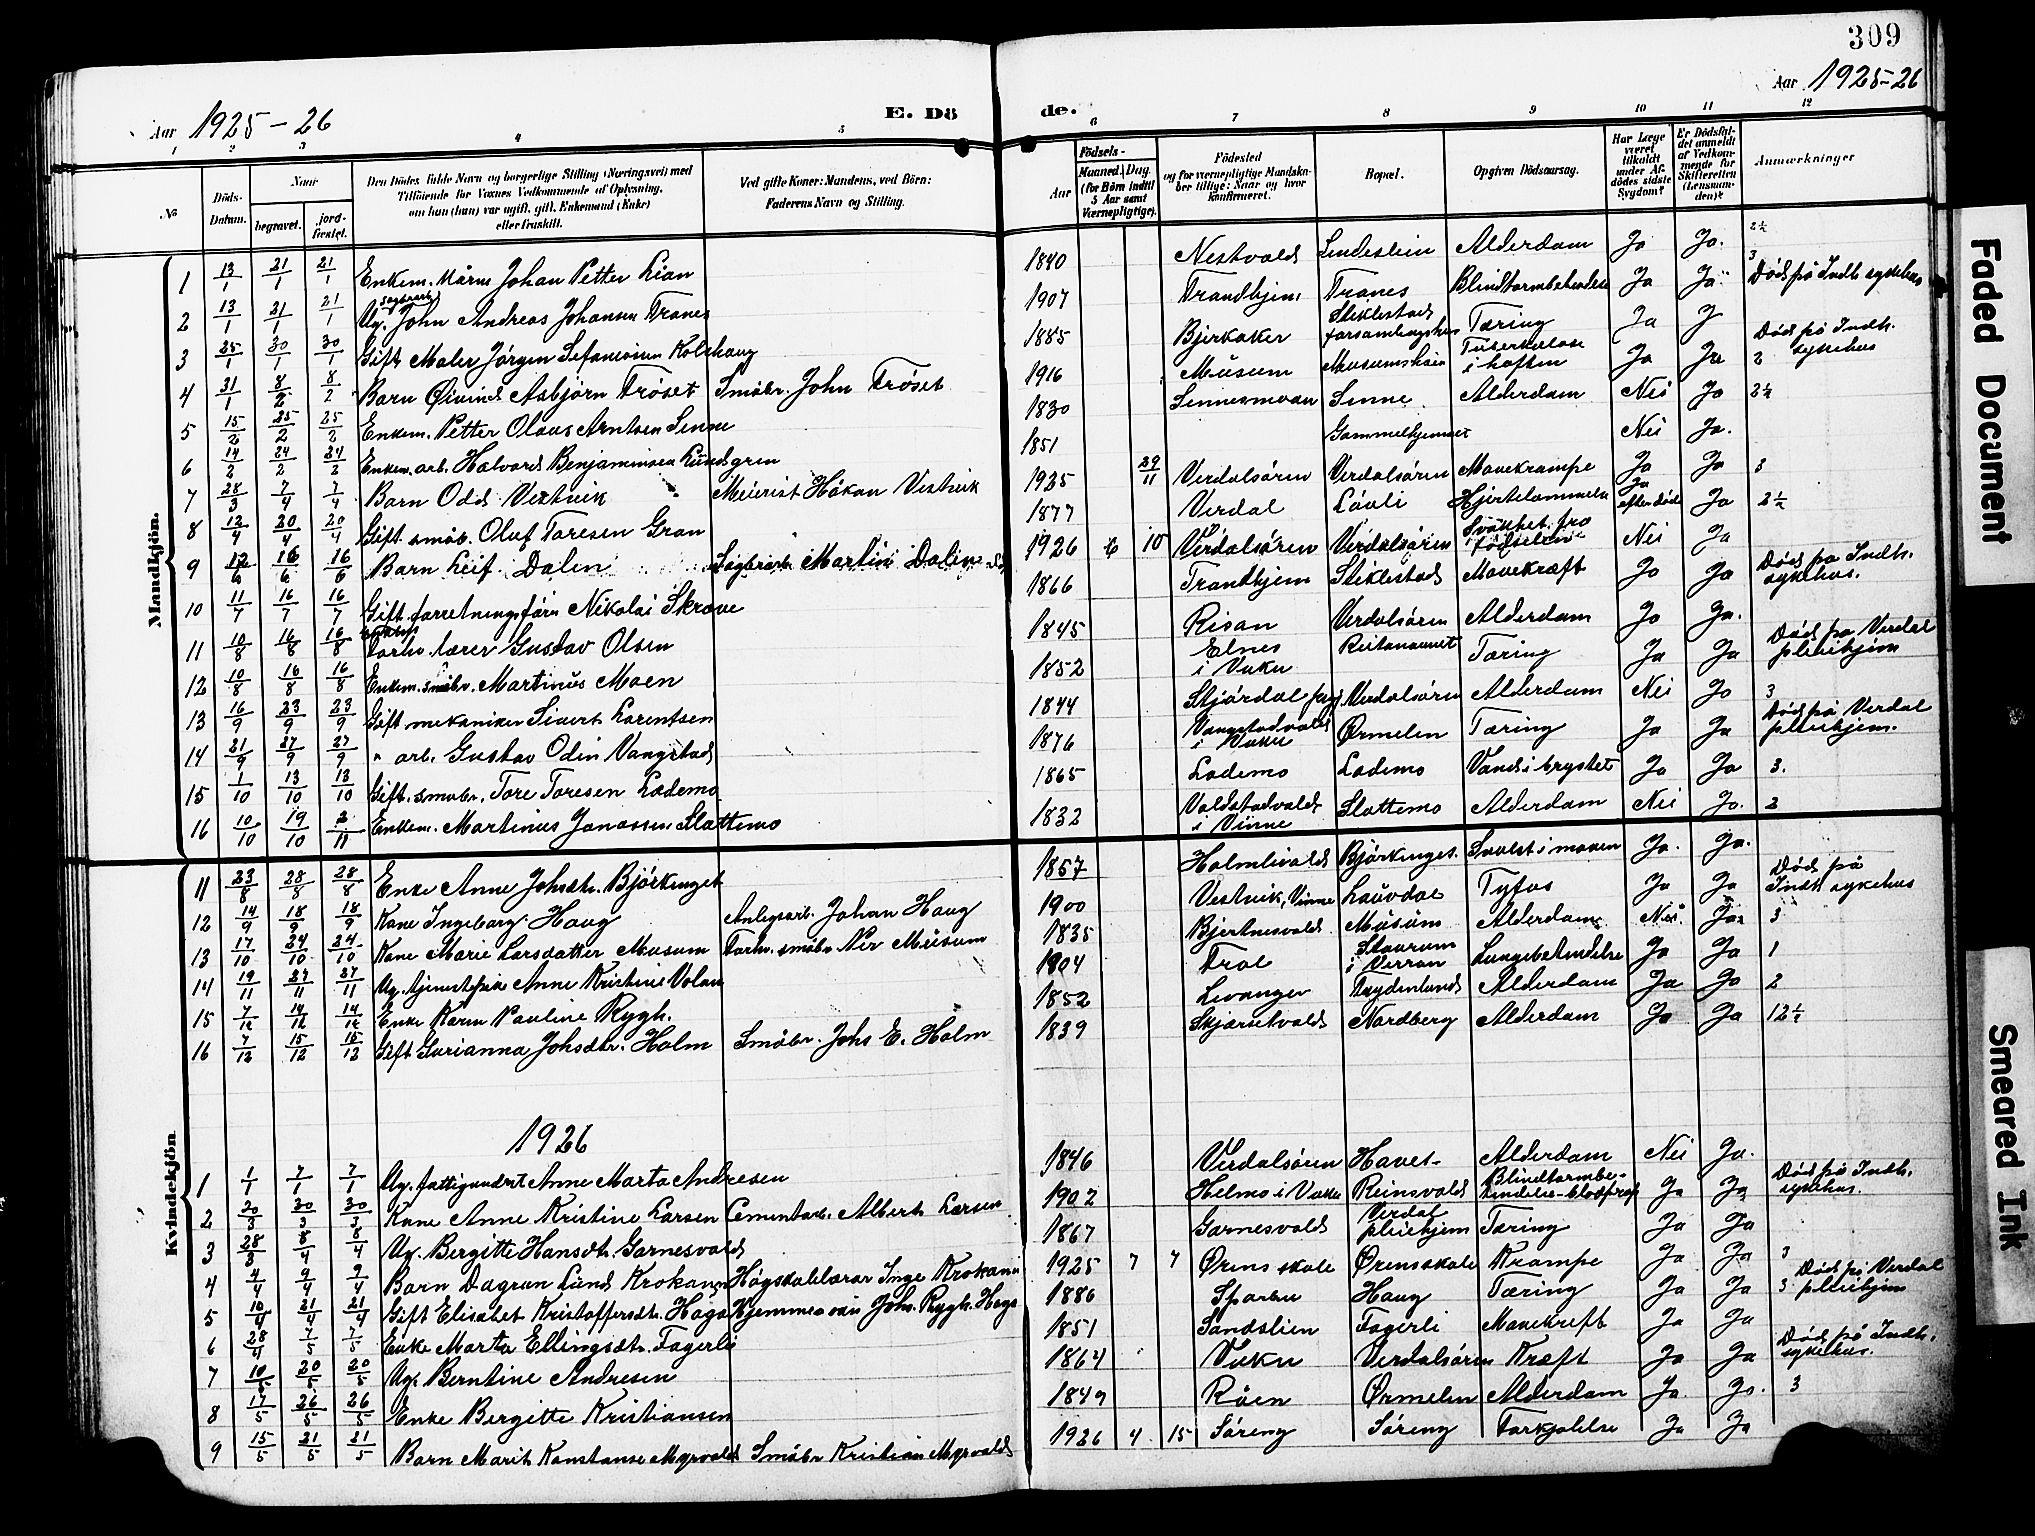 SAT, Ministerialprotokoller, klokkerbøker og fødselsregistre - Nord-Trøndelag, 723/L0258: Klokkerbok nr. 723C06, 1908-1927, s. 309